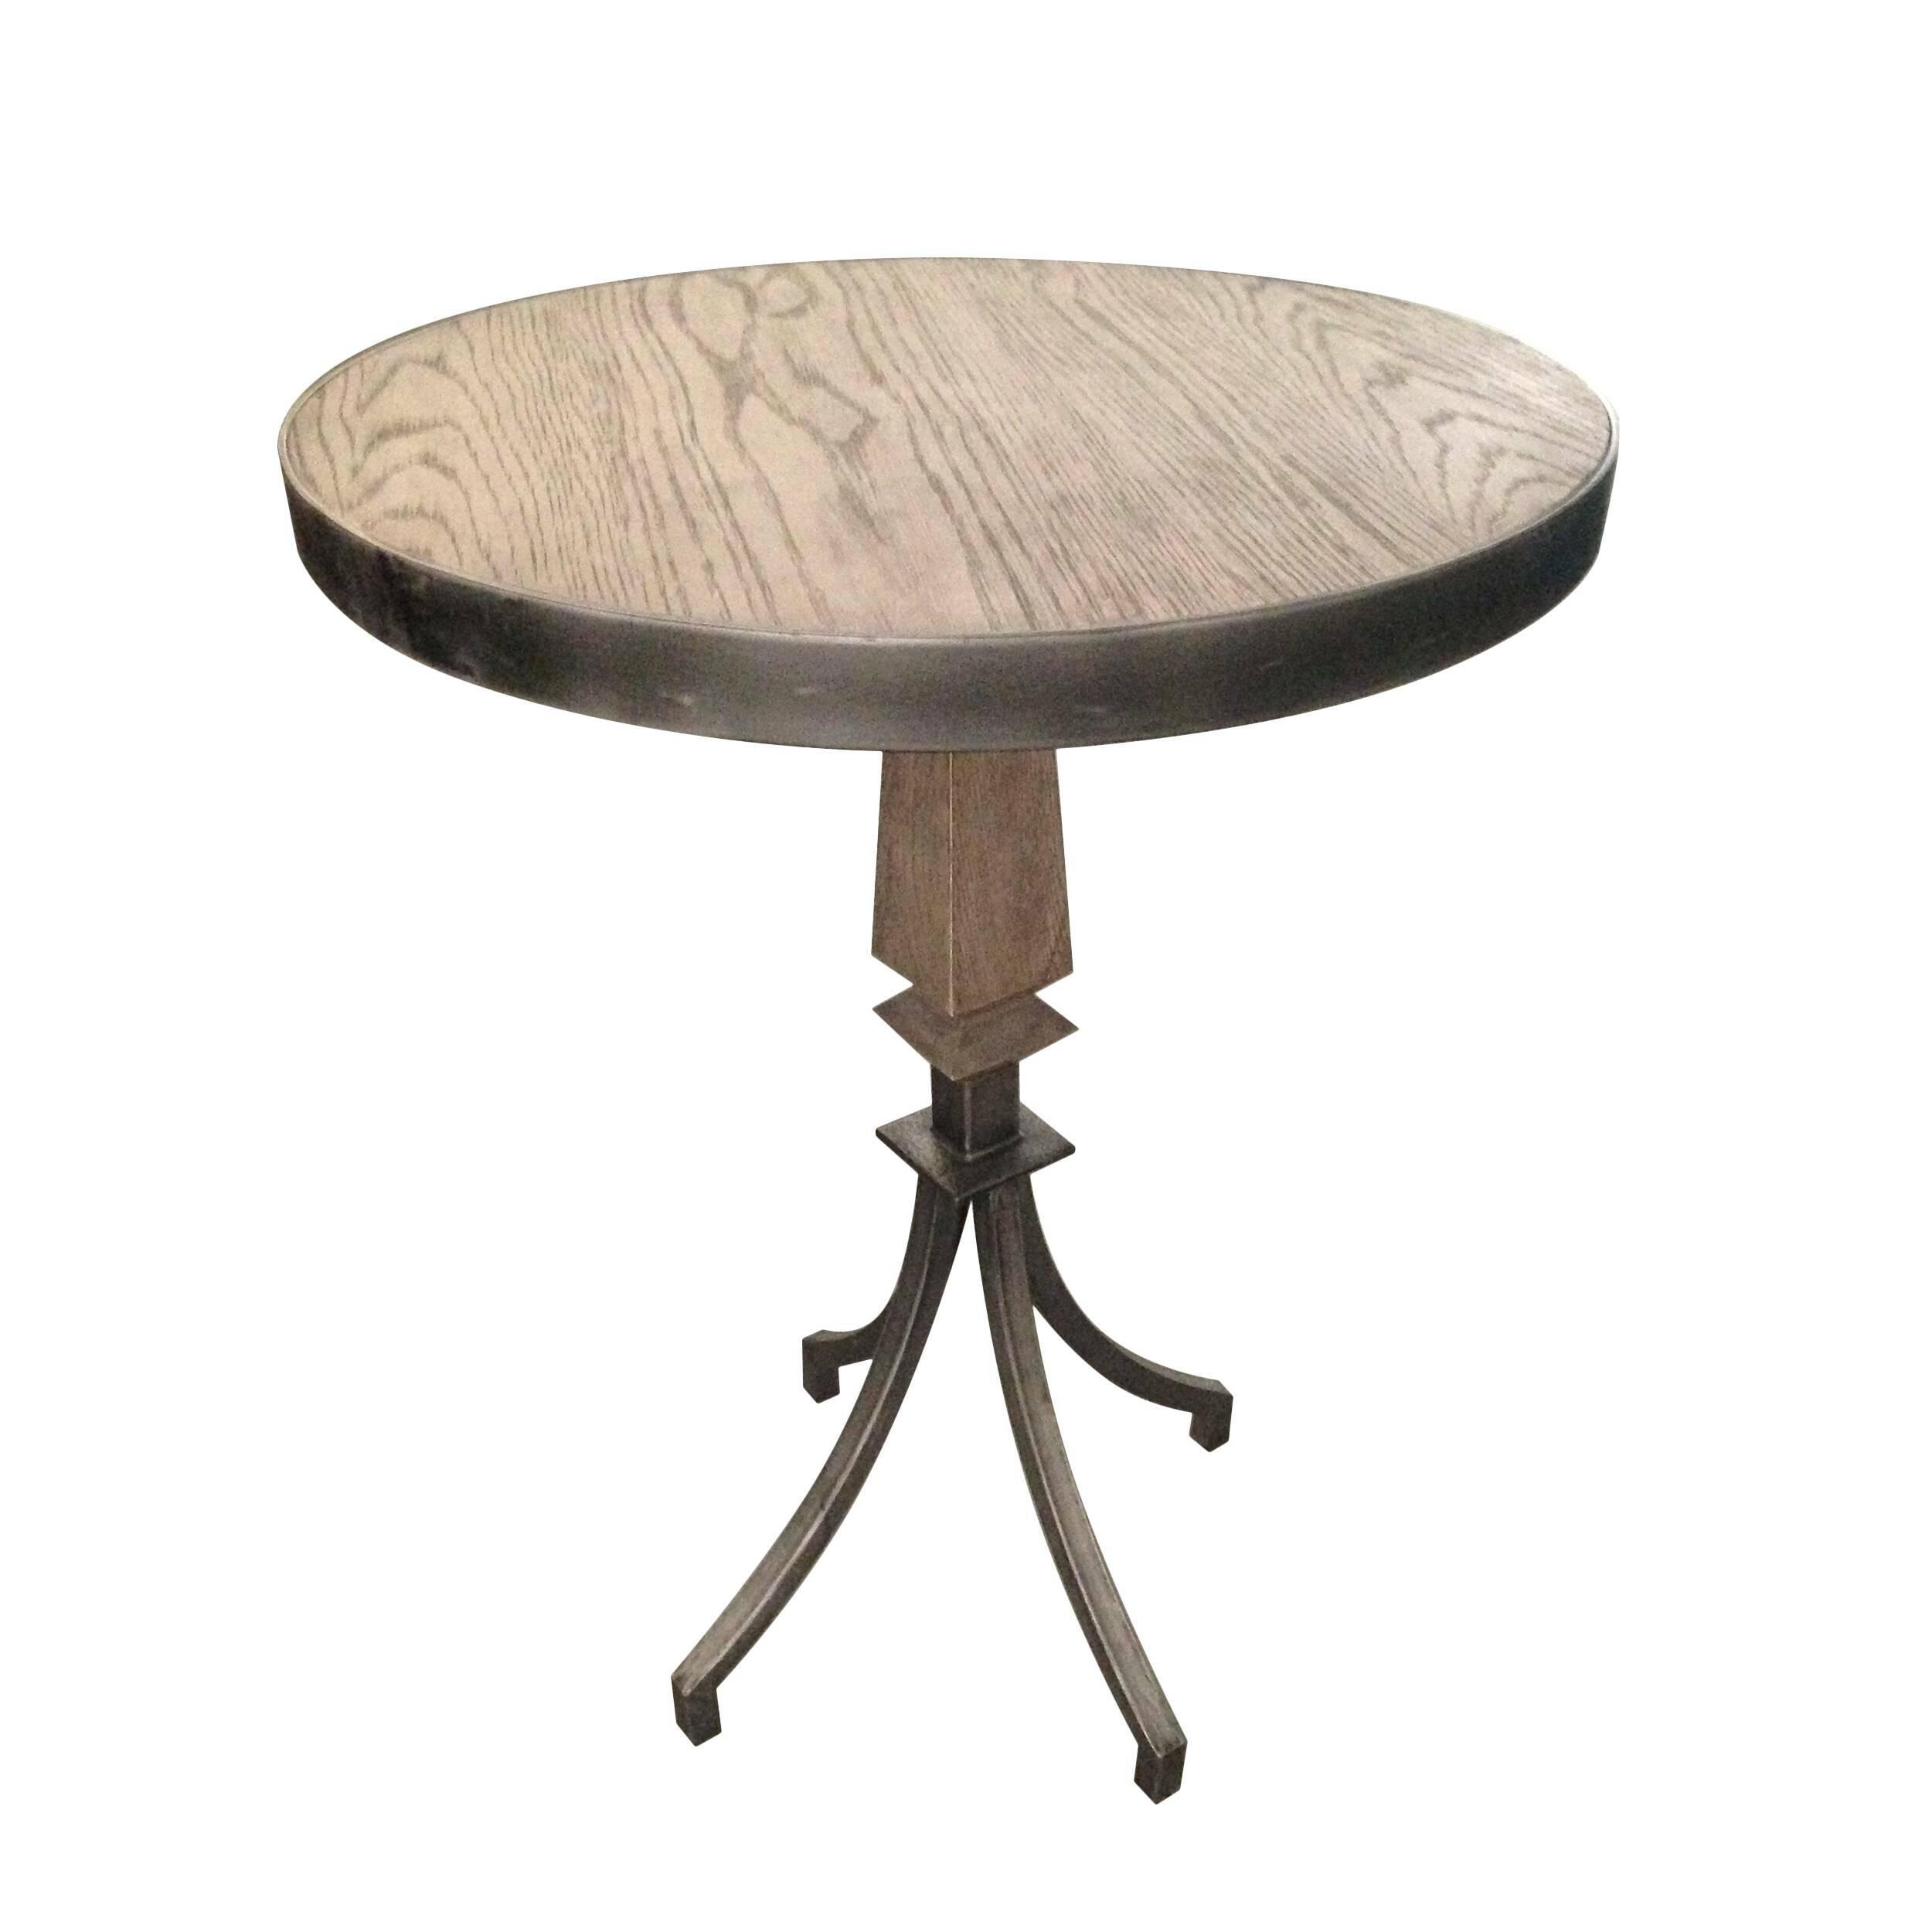 Кофейный стол Berkeley дубовыйКофейные столики<br>Кофейный стол Berkeley дубовый – это прекрасный образец мебели, сделанной под старину. От модели веет прекрасным духом рыцарских времен – нарочито грубоватый стиль и изящные черты заключены в прочную форму из дуба и металла.<br><br><br> Массив дуба – это благородный материал, который сочетает в себе самые ценные качества: прочность, экологичность, долговечность. Дубовая мебель способна на протяжении длительного времени радовать владельцев своим идеальным внешним видом. Столешница данной модели ...<br><br>stock: 0<br>Высота: 75<br>Диаметр: 55<br>Цвет столешницы: Темно-коричневый<br>Материал столешницы: Массив дуба<br>Тип материала каркаса: Металл<br>Тип материала столешницы: Дерево<br>Цвет каркаса: Темно-серый